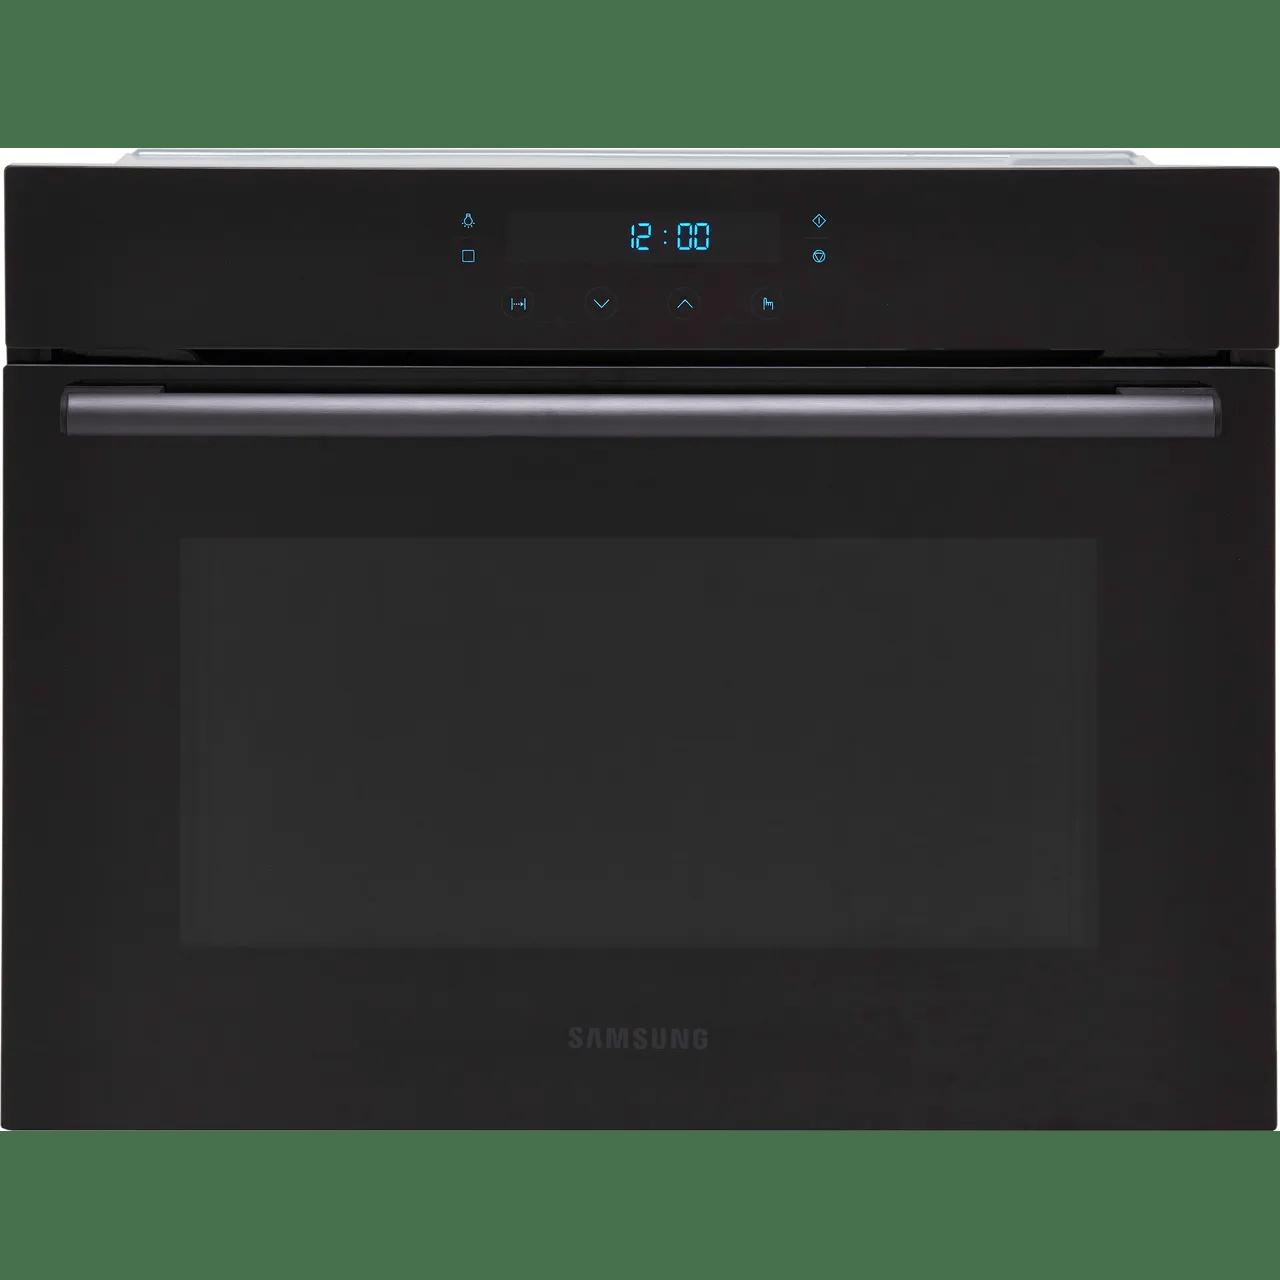 samsung prezio nq50k5137kb built in microwave black